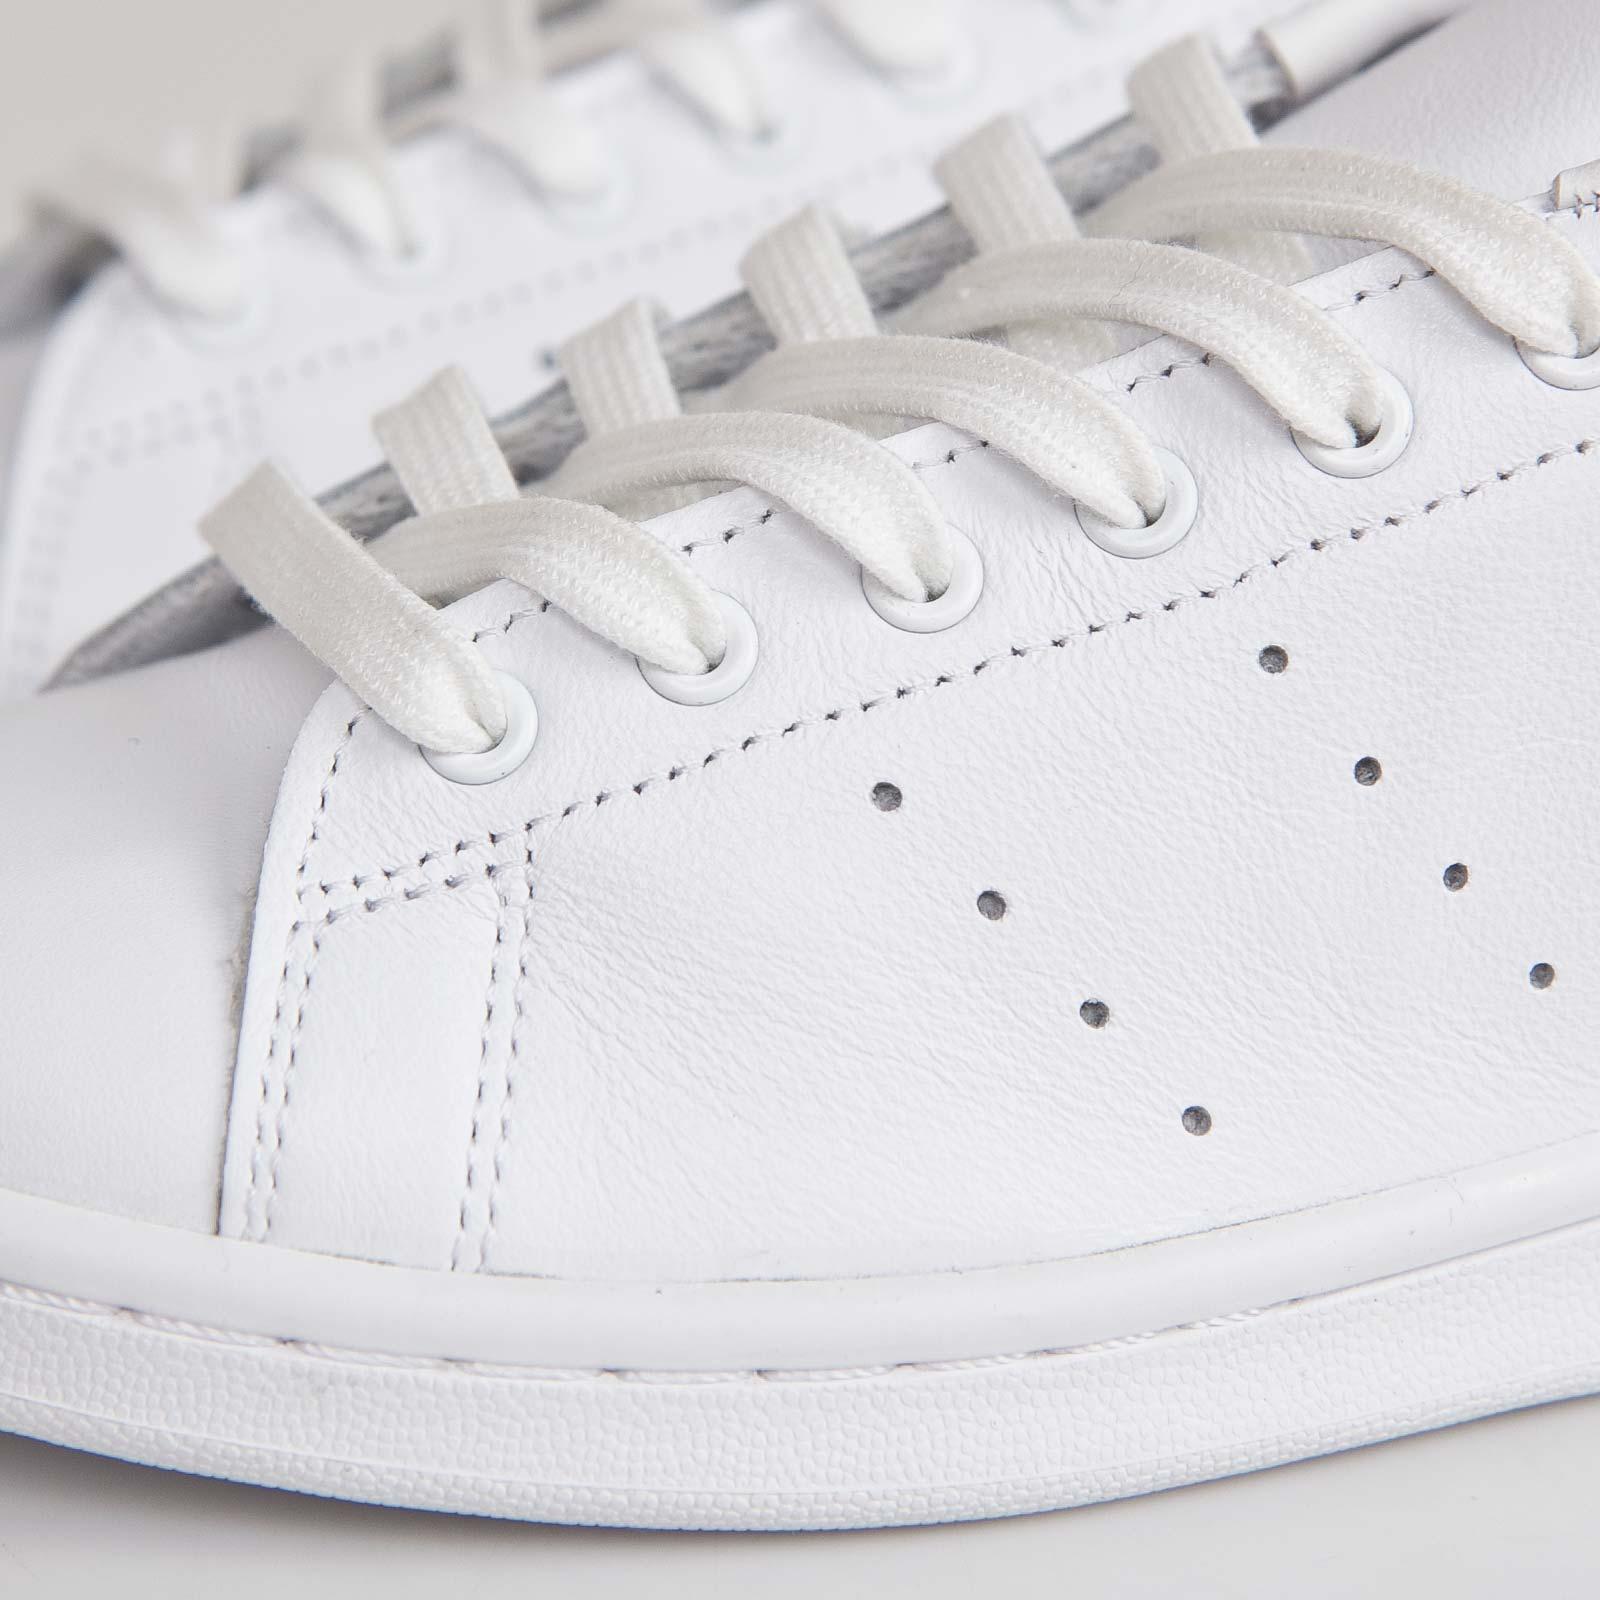 new style 9b253 add58 adidas Haillet Hyke - B26101 - Sneakersnstuff   sneakers   streetwear en  ligne depuis 1999